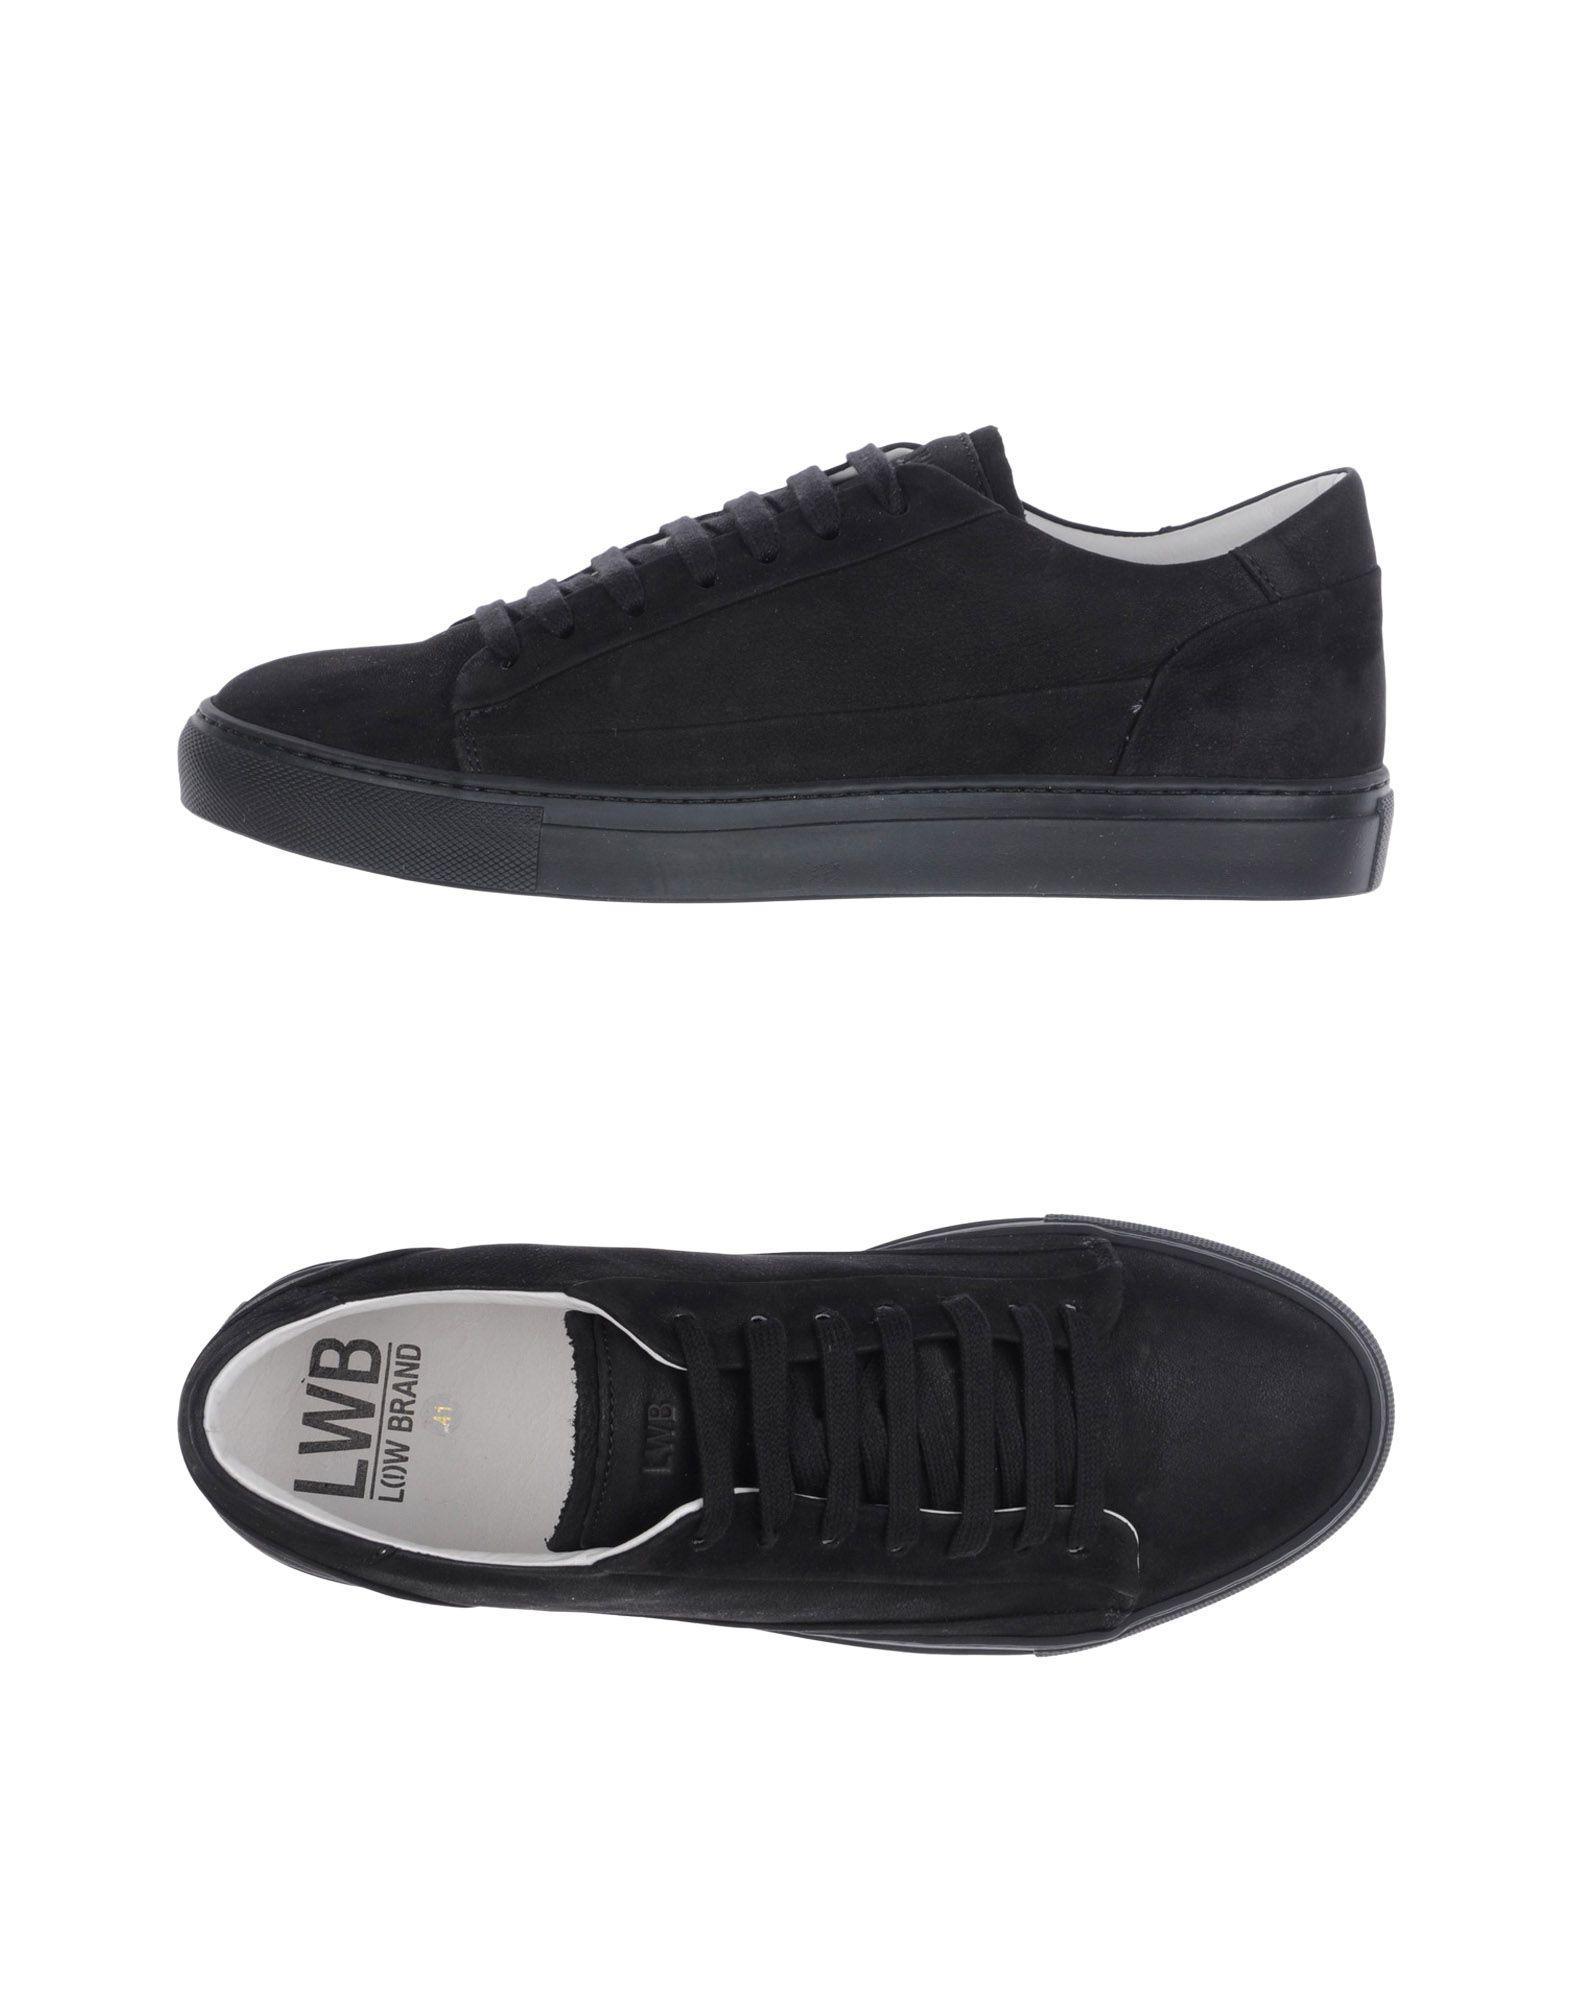 Low Brand Sneakers In Black